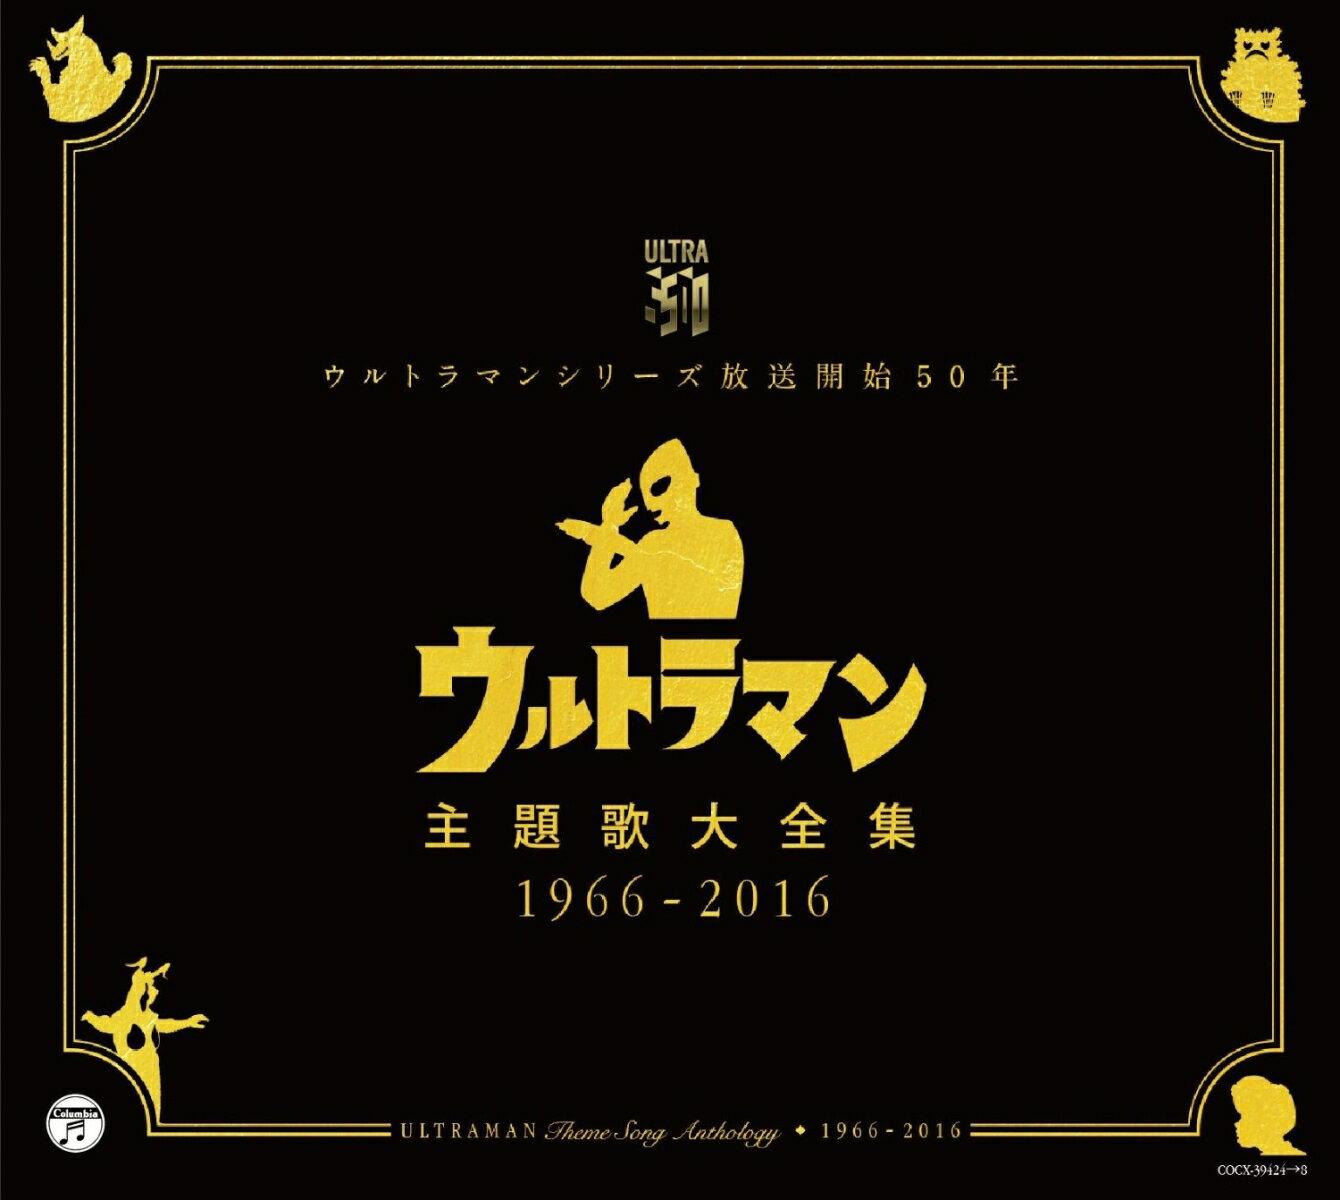 ウルトラマンシリーズ放送開始50年 ウルトラマン 主題歌大全集 1966-2016画像